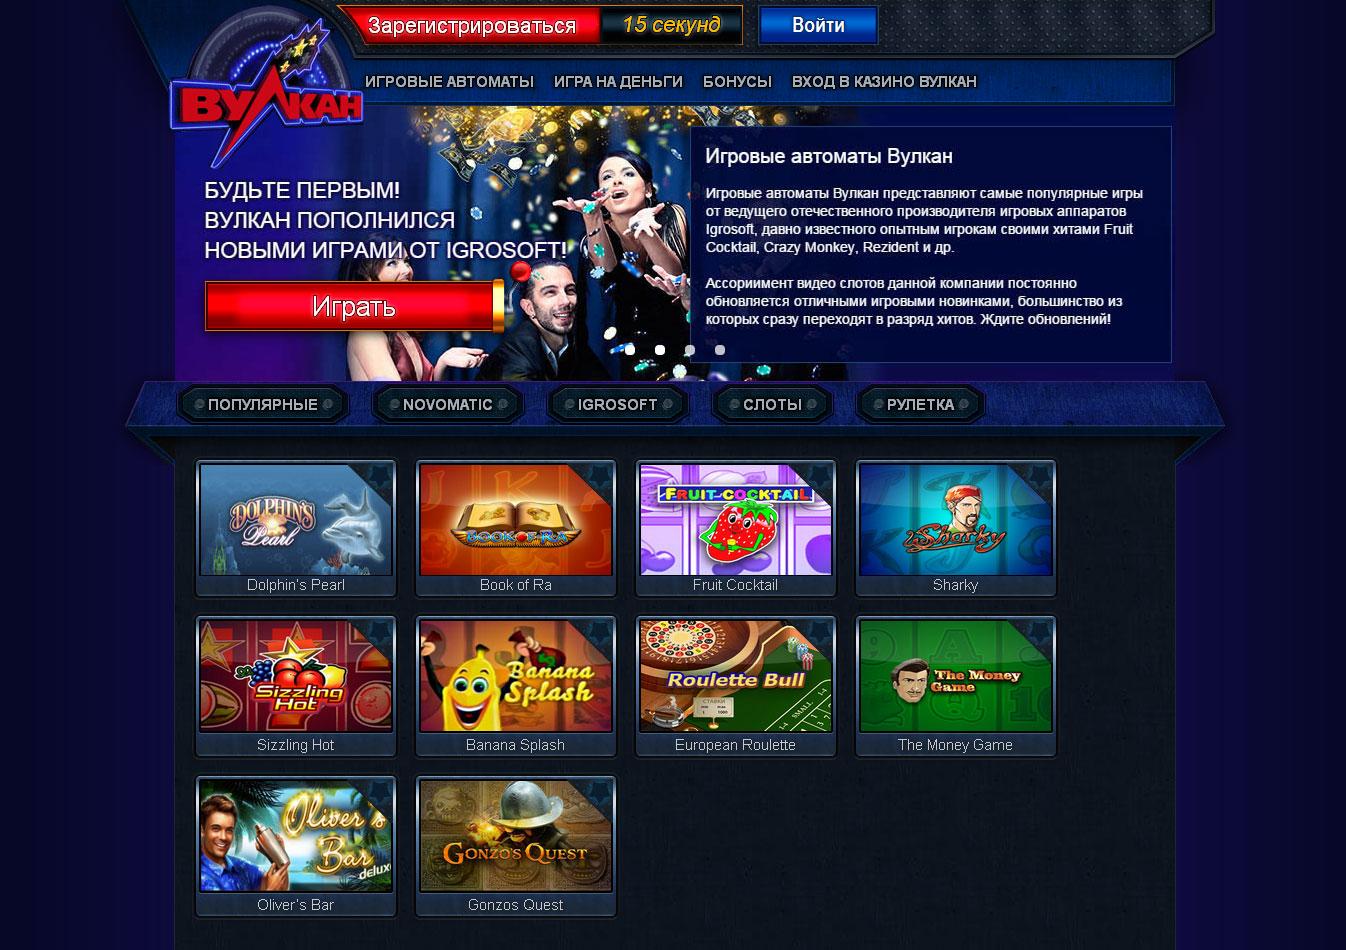 Игровые автоматы играть azino777 com играть игровые аппараты через интернет